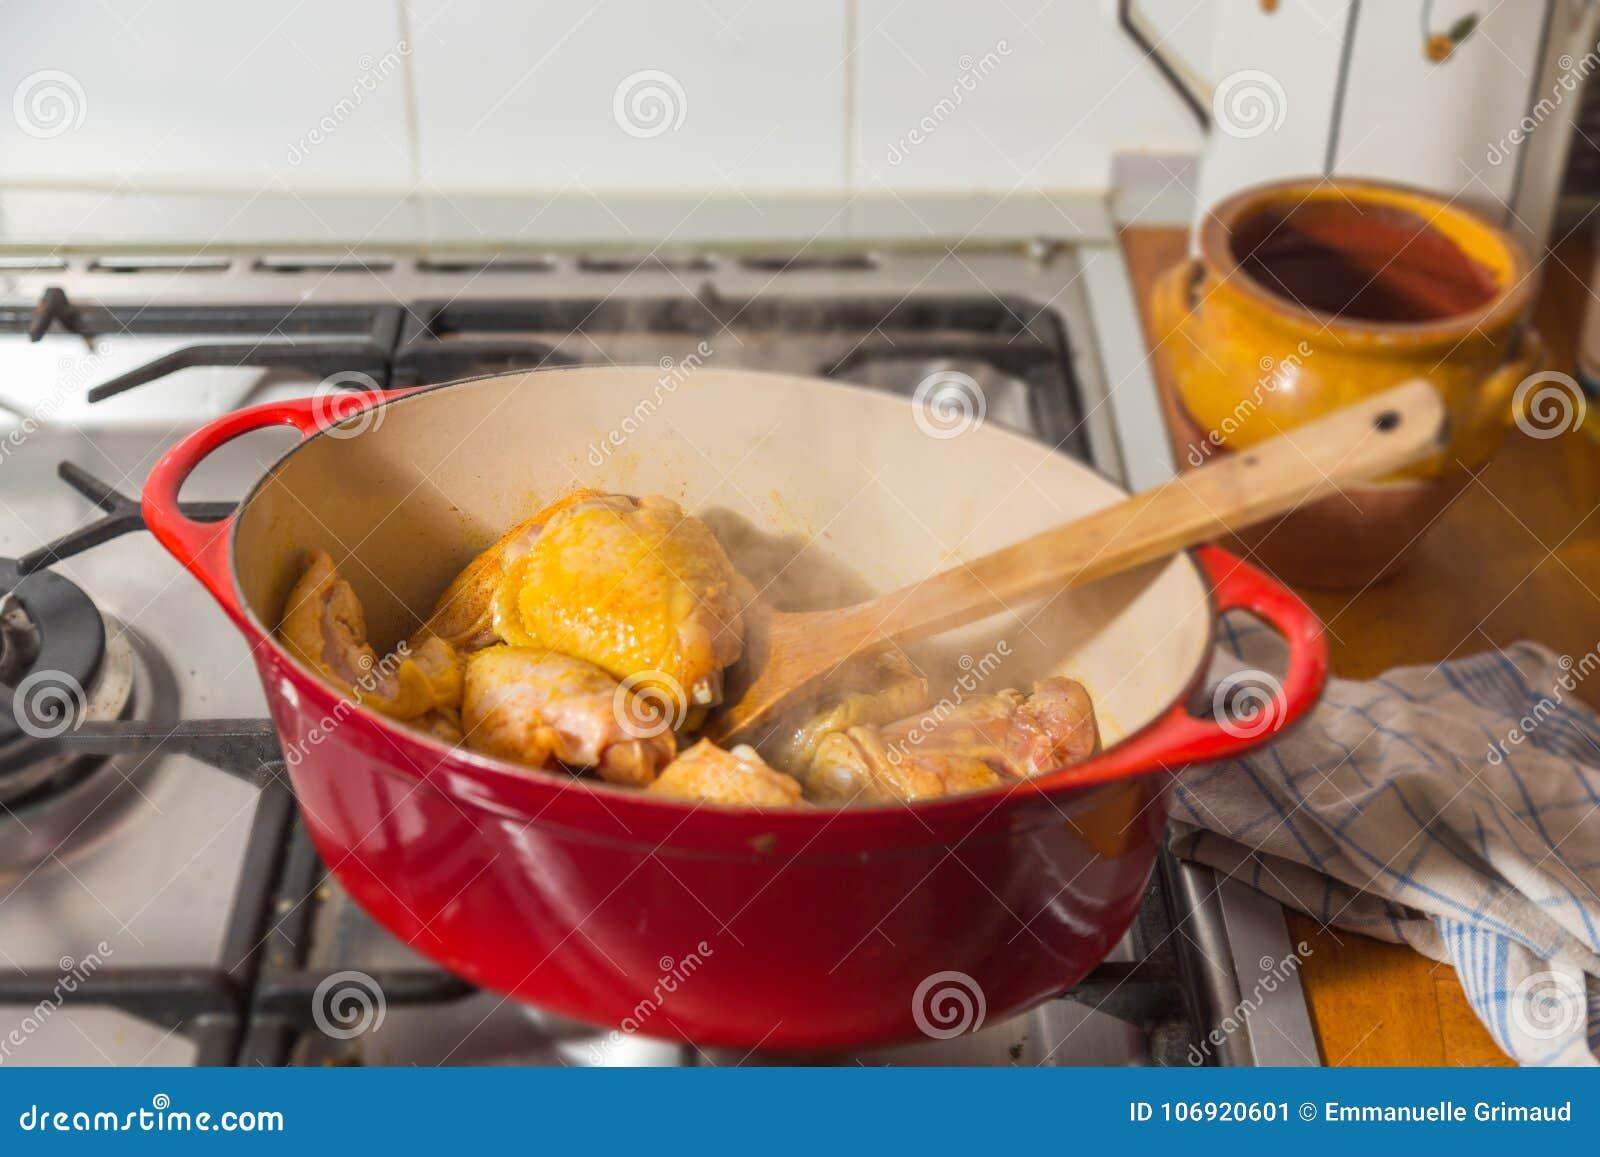 Lana żelazna potrawka z kurczaka drumstick